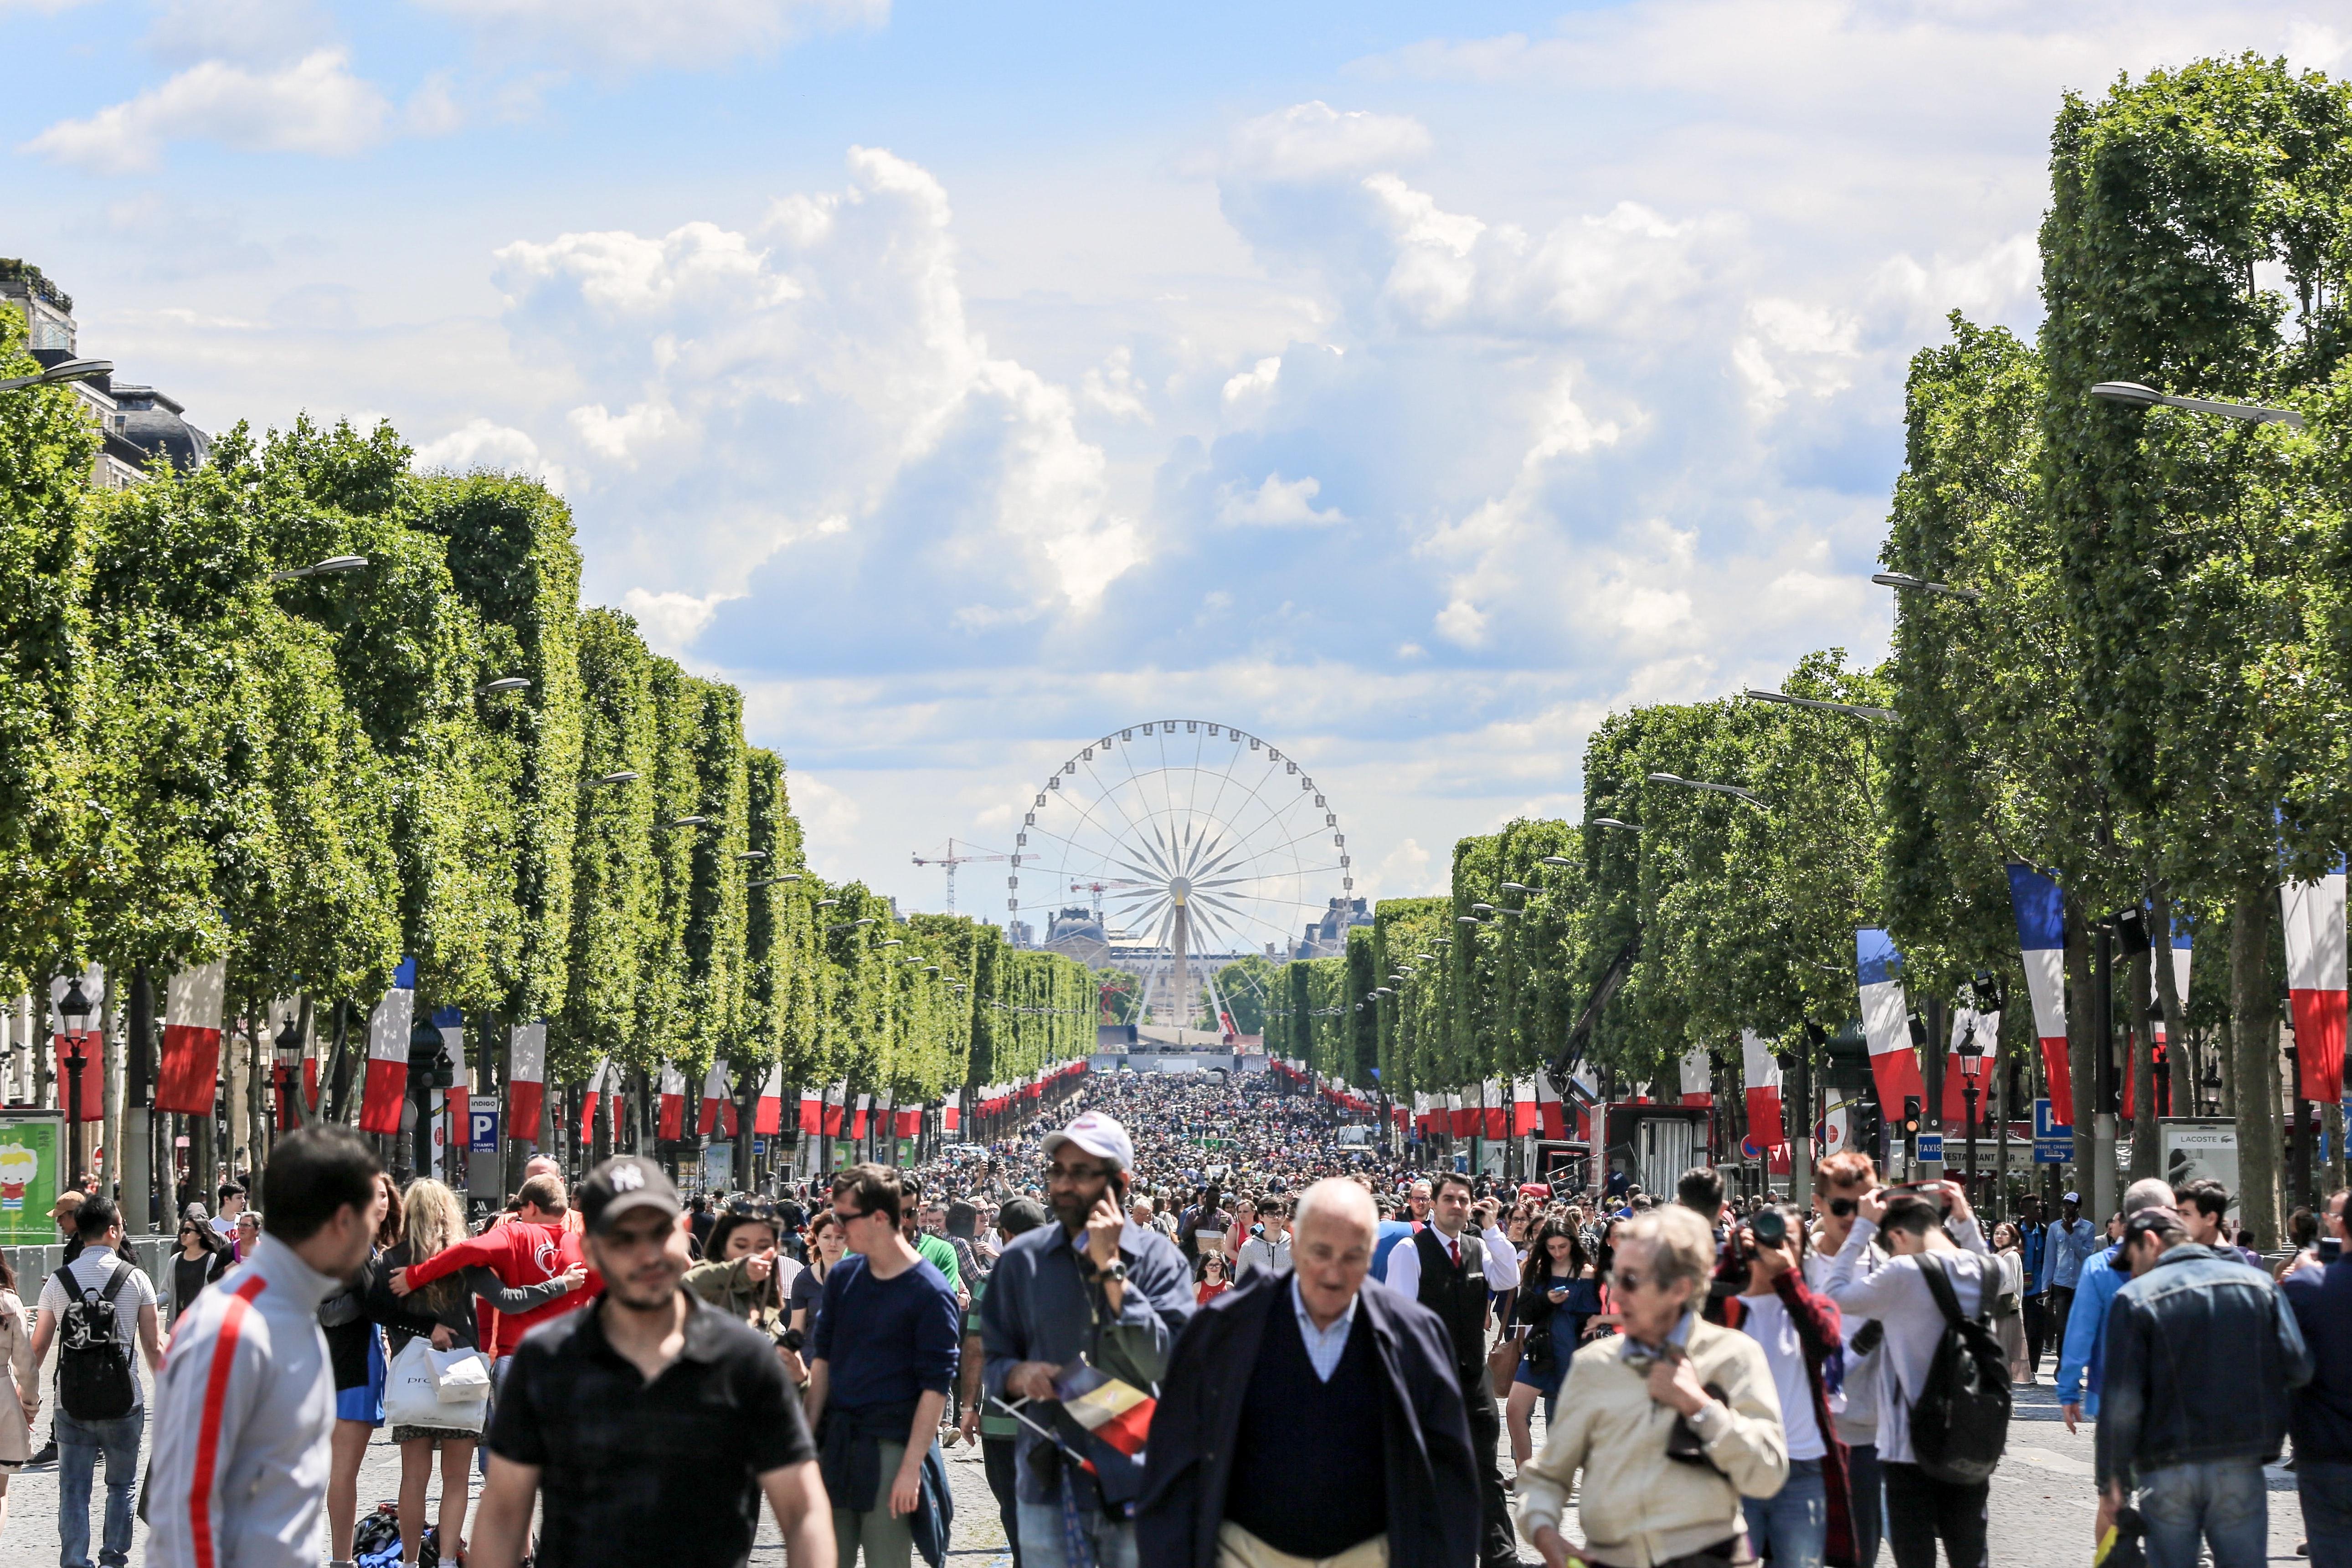 Champs Elysees Bastille Day